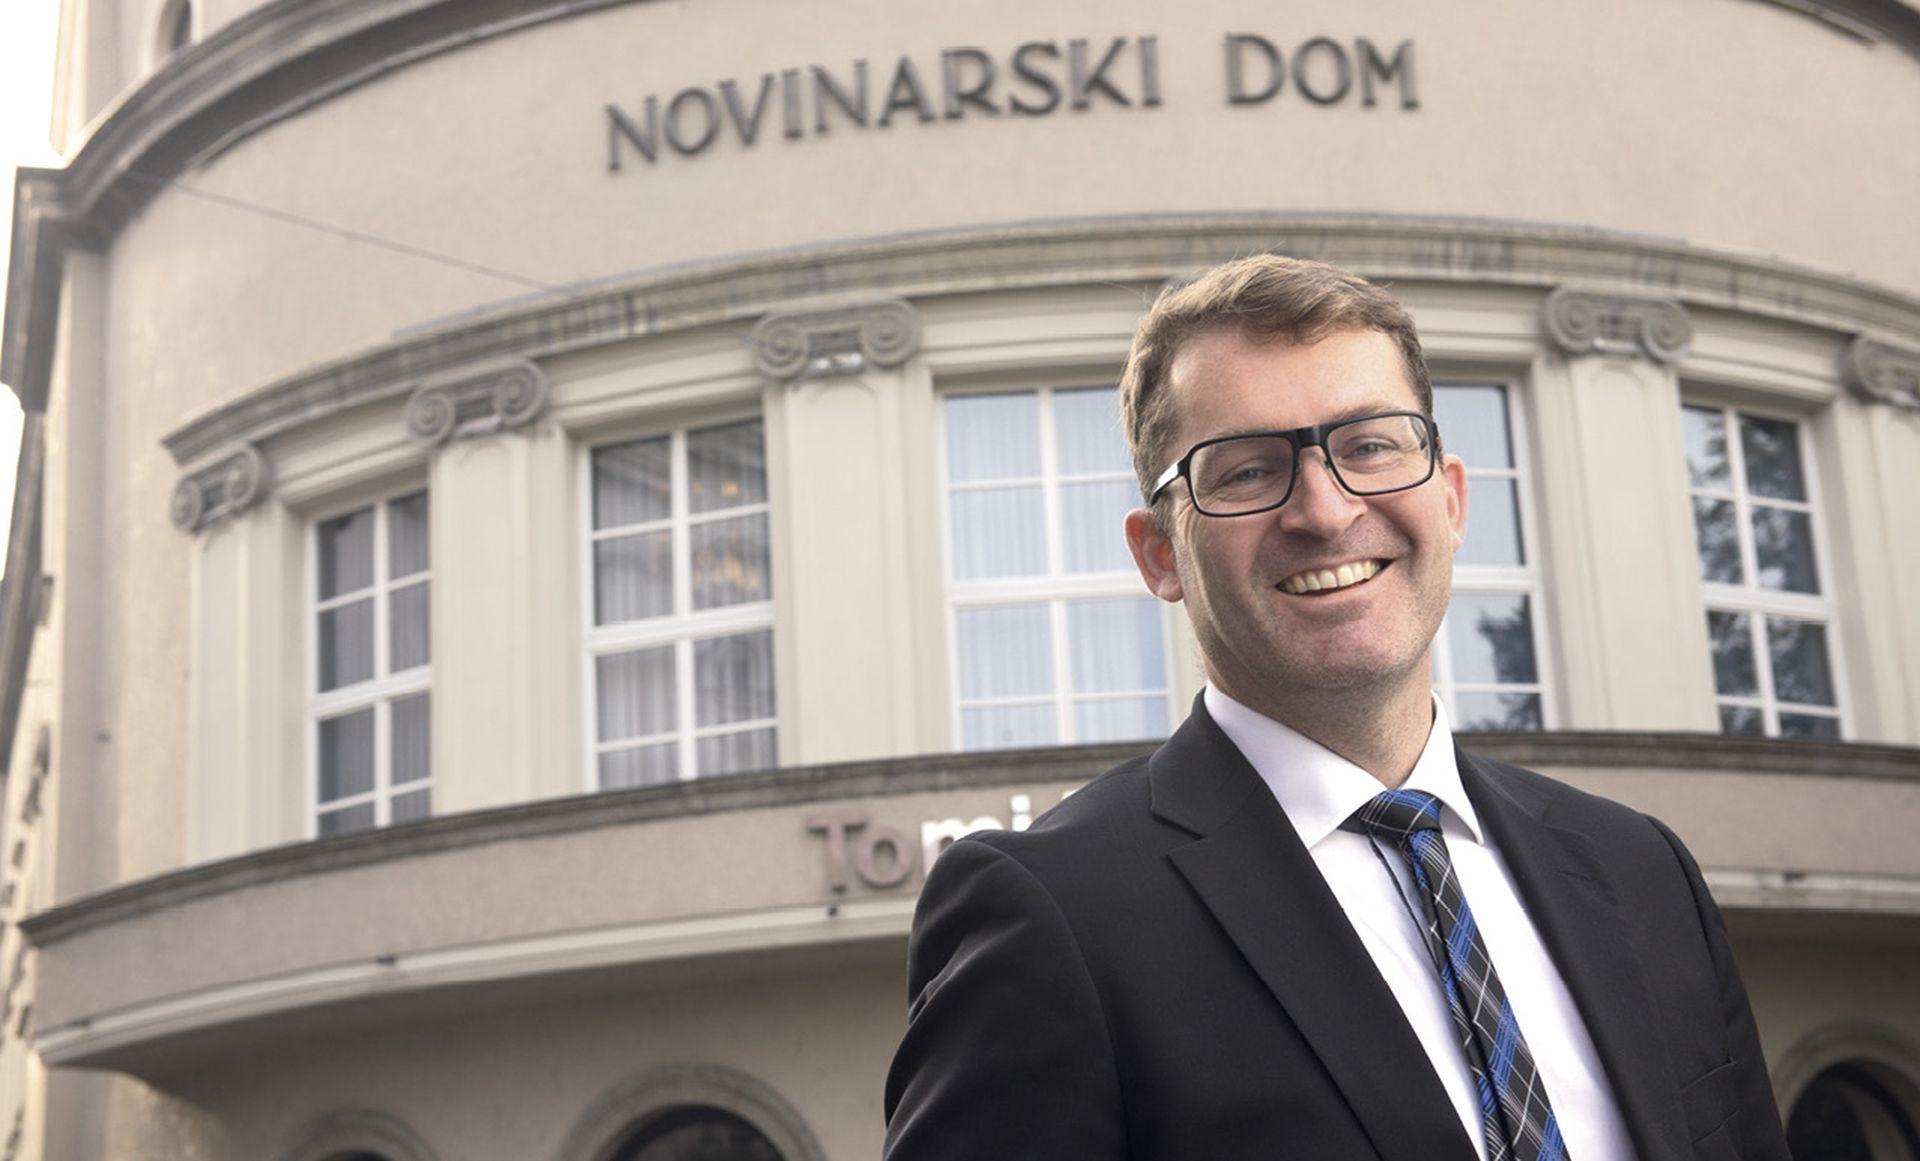 INTERVIEW: EIVIND LID 'Centri moći u Hrvatskoj žele manipulirati medijima'